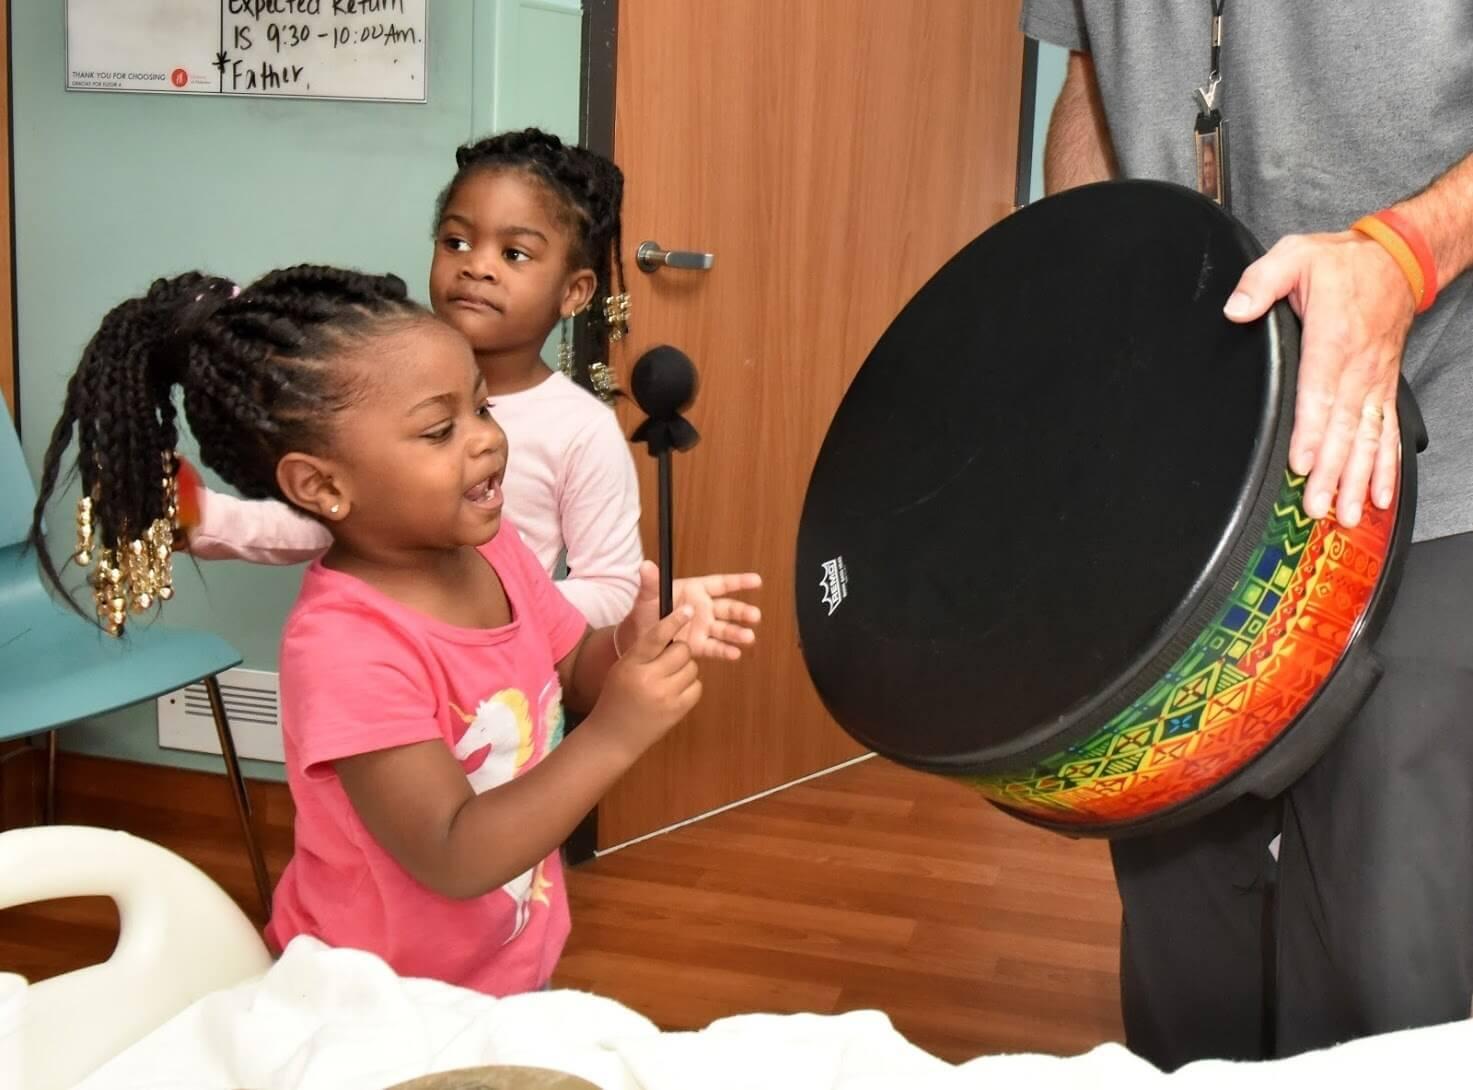 Children's of Alabama's Innovative Program That Helps Patients De-stress